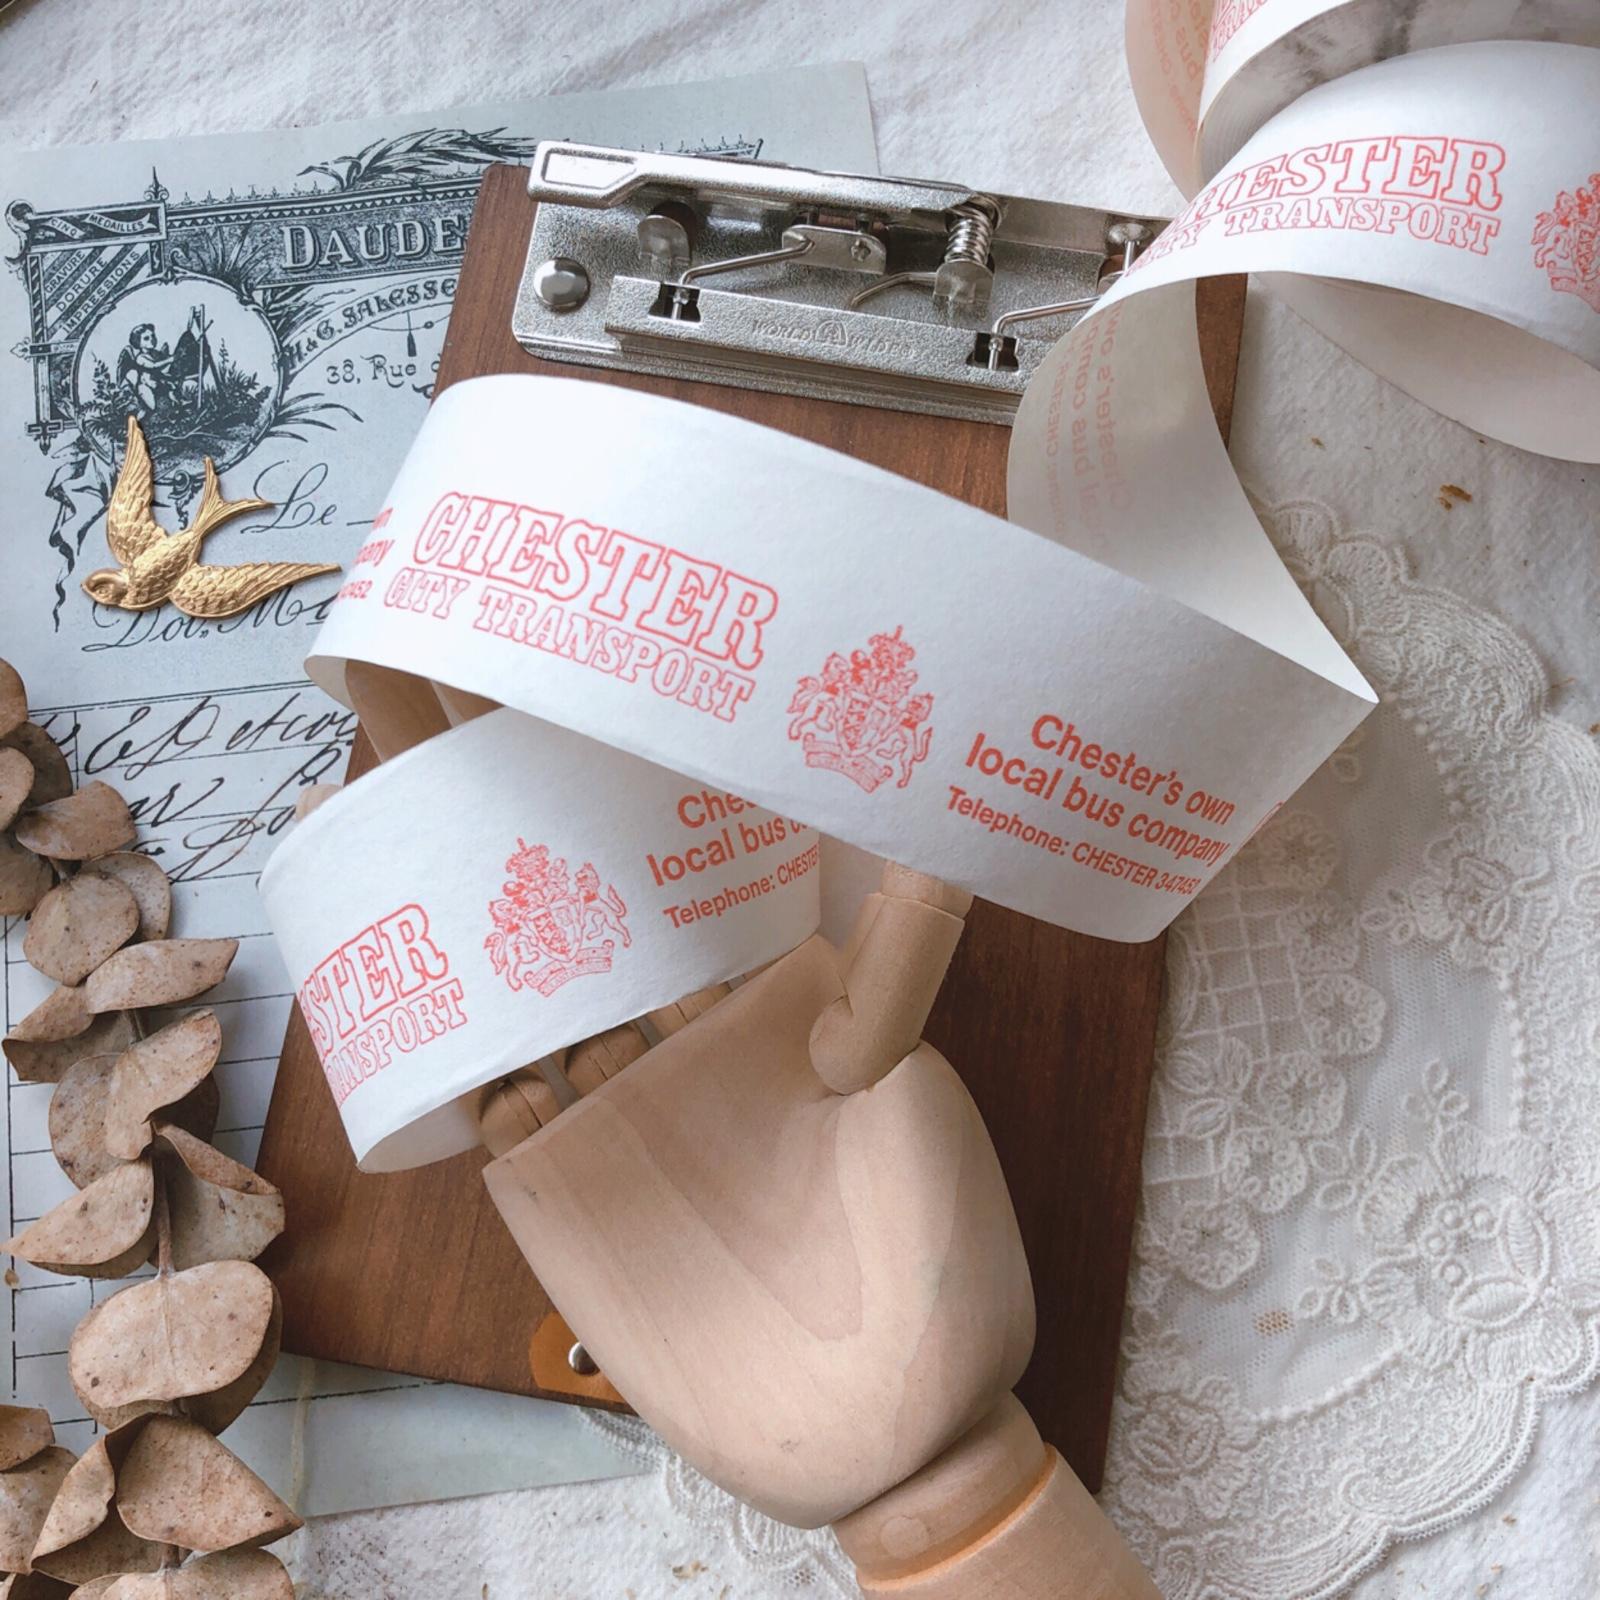 古董车票 | 英国 复古车票古董纸品junk journal手帐拼贴素材多款